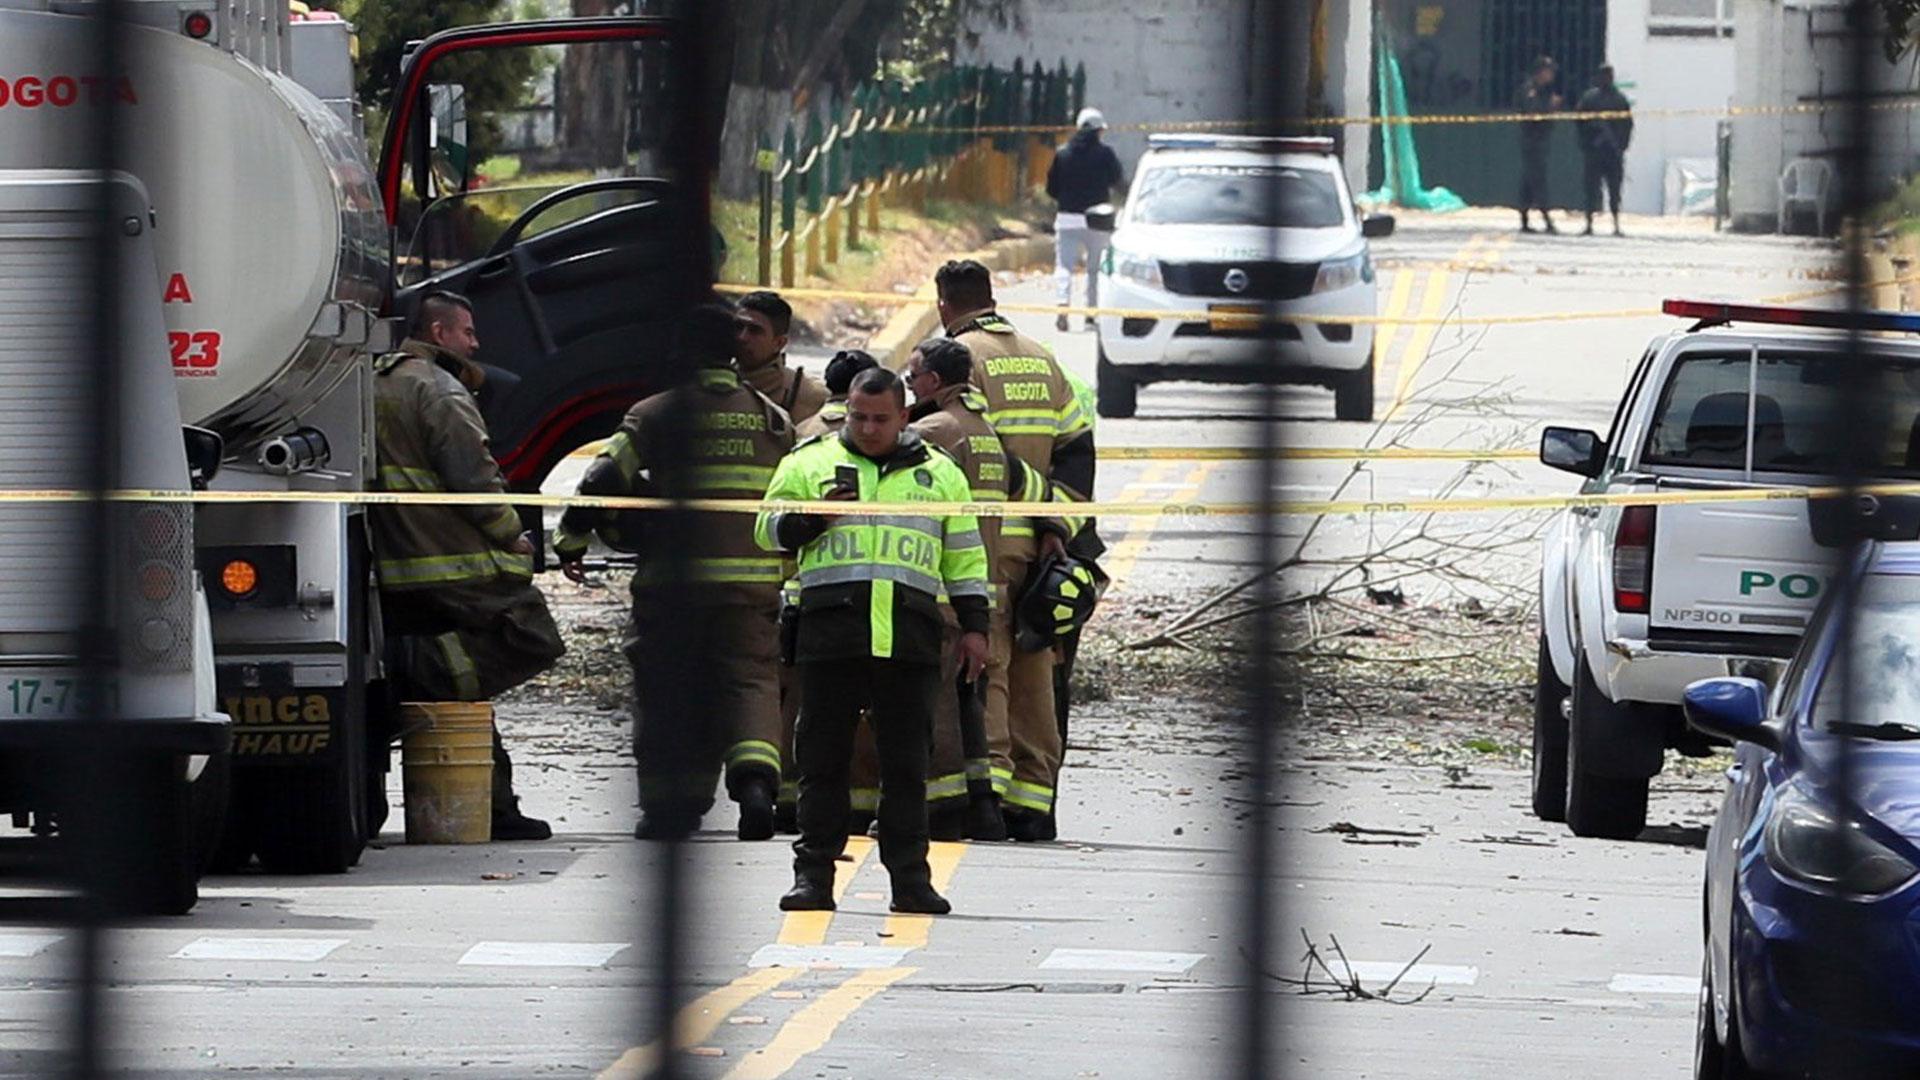 Al menos20 muertos y decenas de heridos dejó la detonación de un coche bomba en inmediaciones de la Escuela de cadetes de la Policía General Santander, ubicada al sur de Bogotá, la mañana de este jueves (EFE)